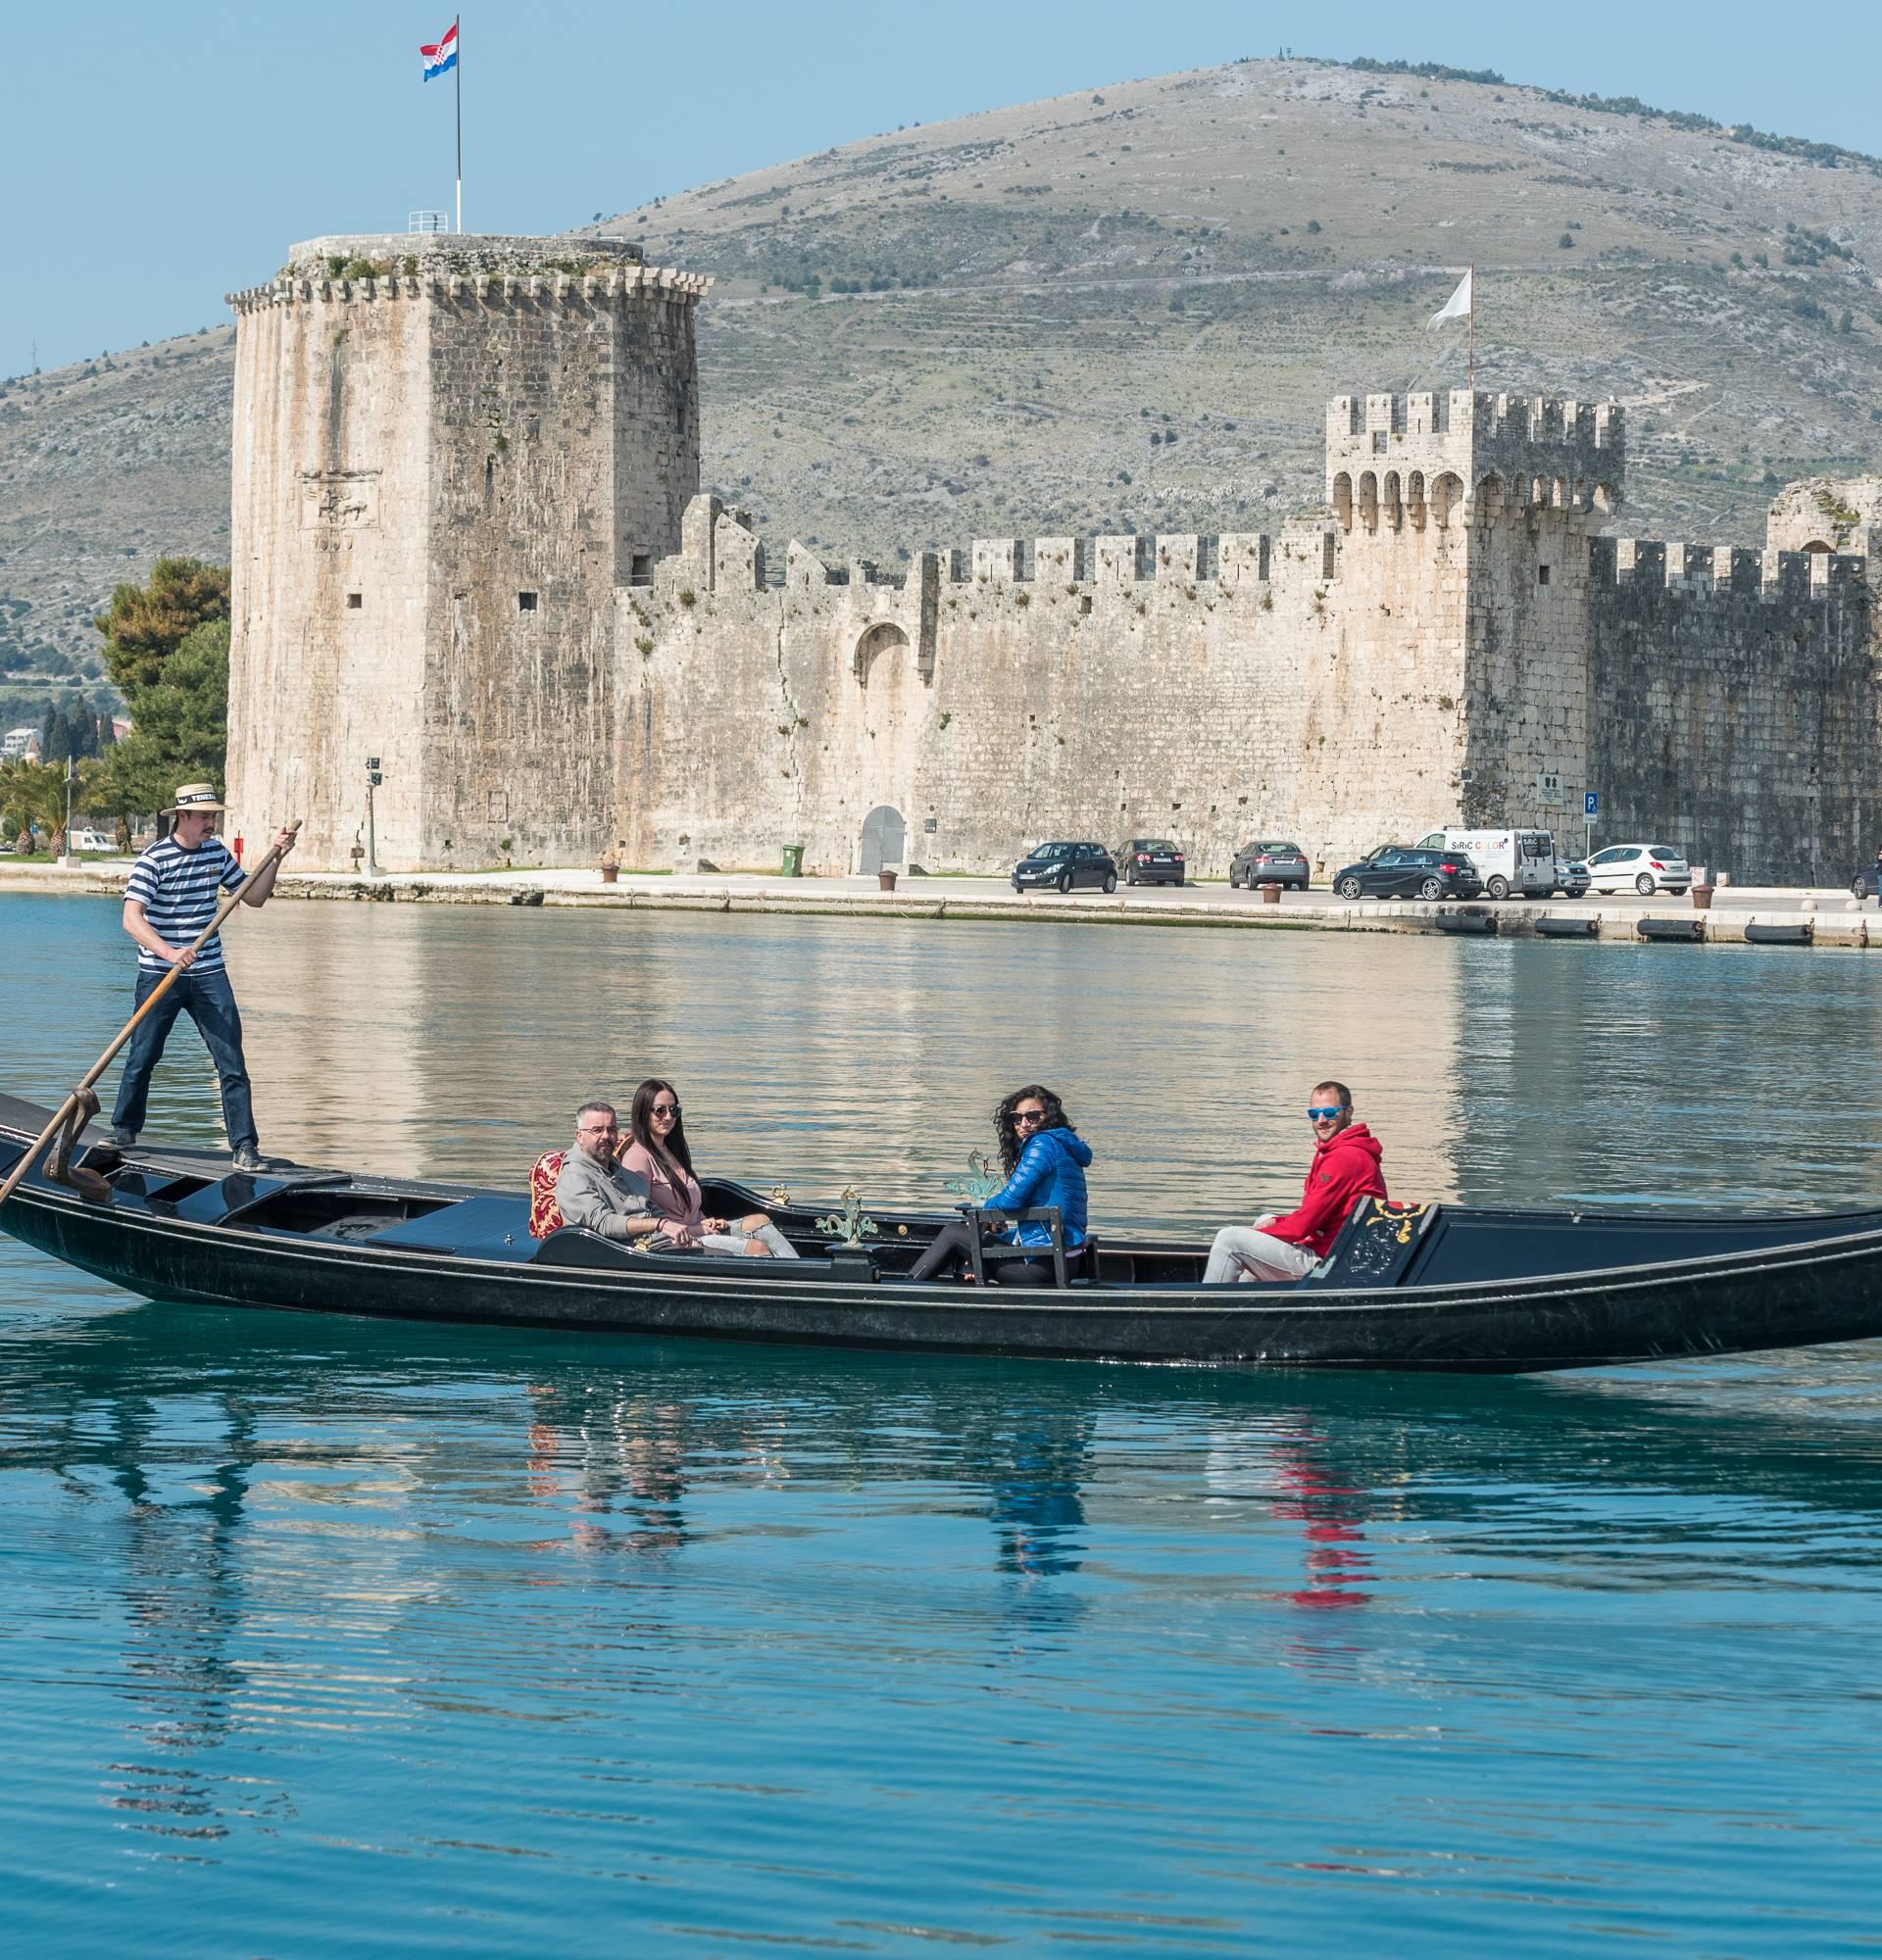 Ne, ovo nije Venecija: Gondola sada vozi i trogirskim kanalom